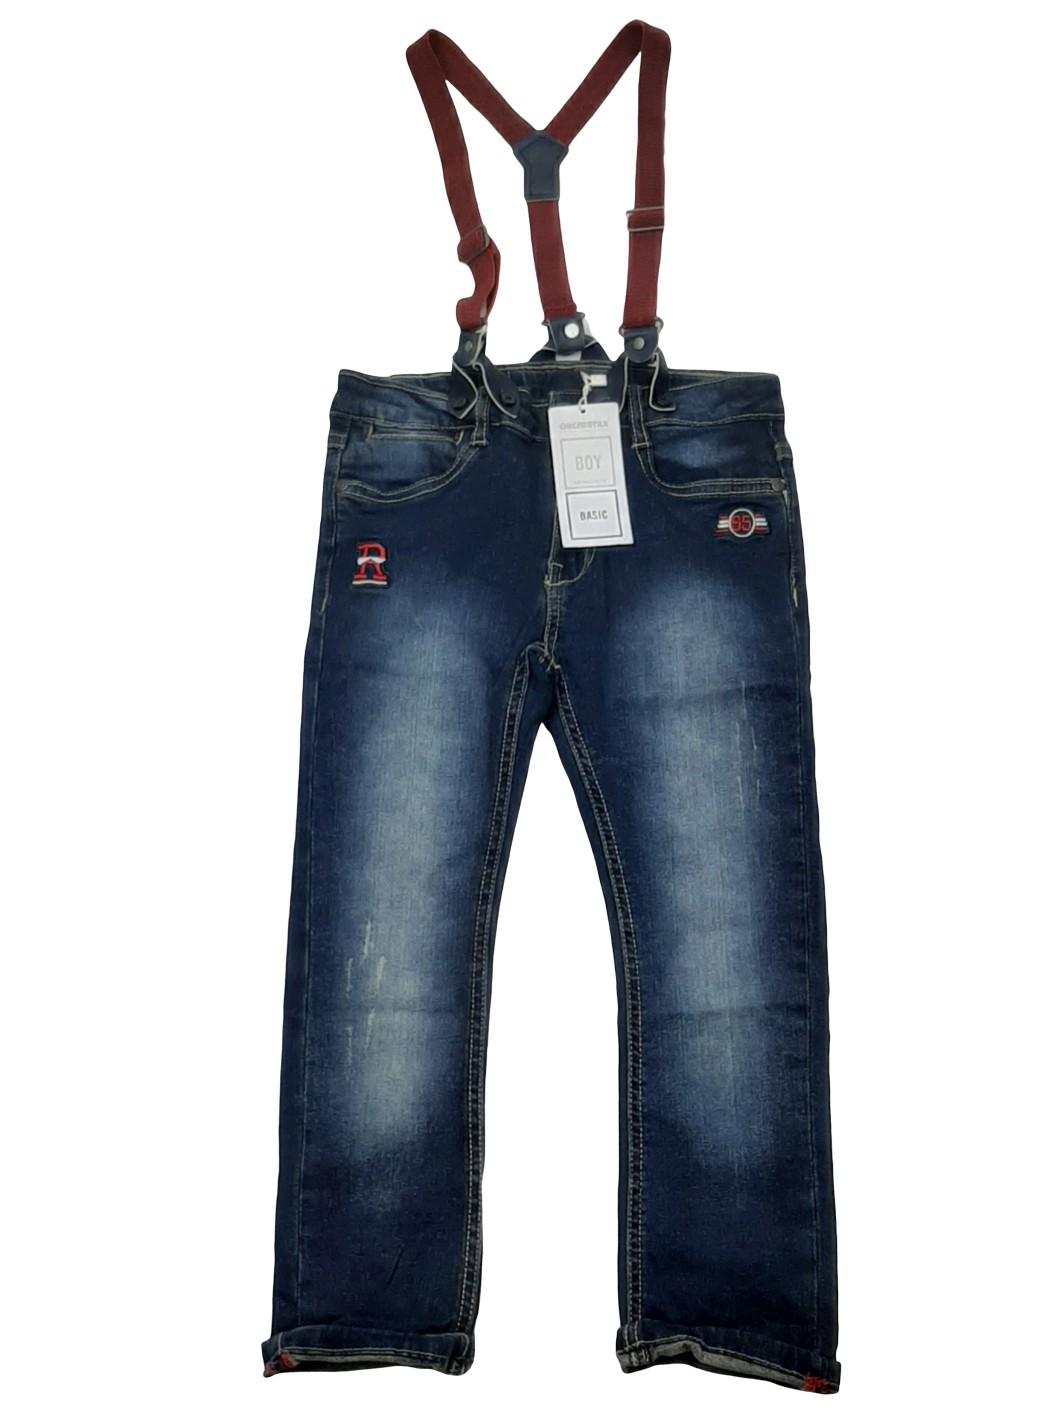 Pantalon jean avec bretelles 1